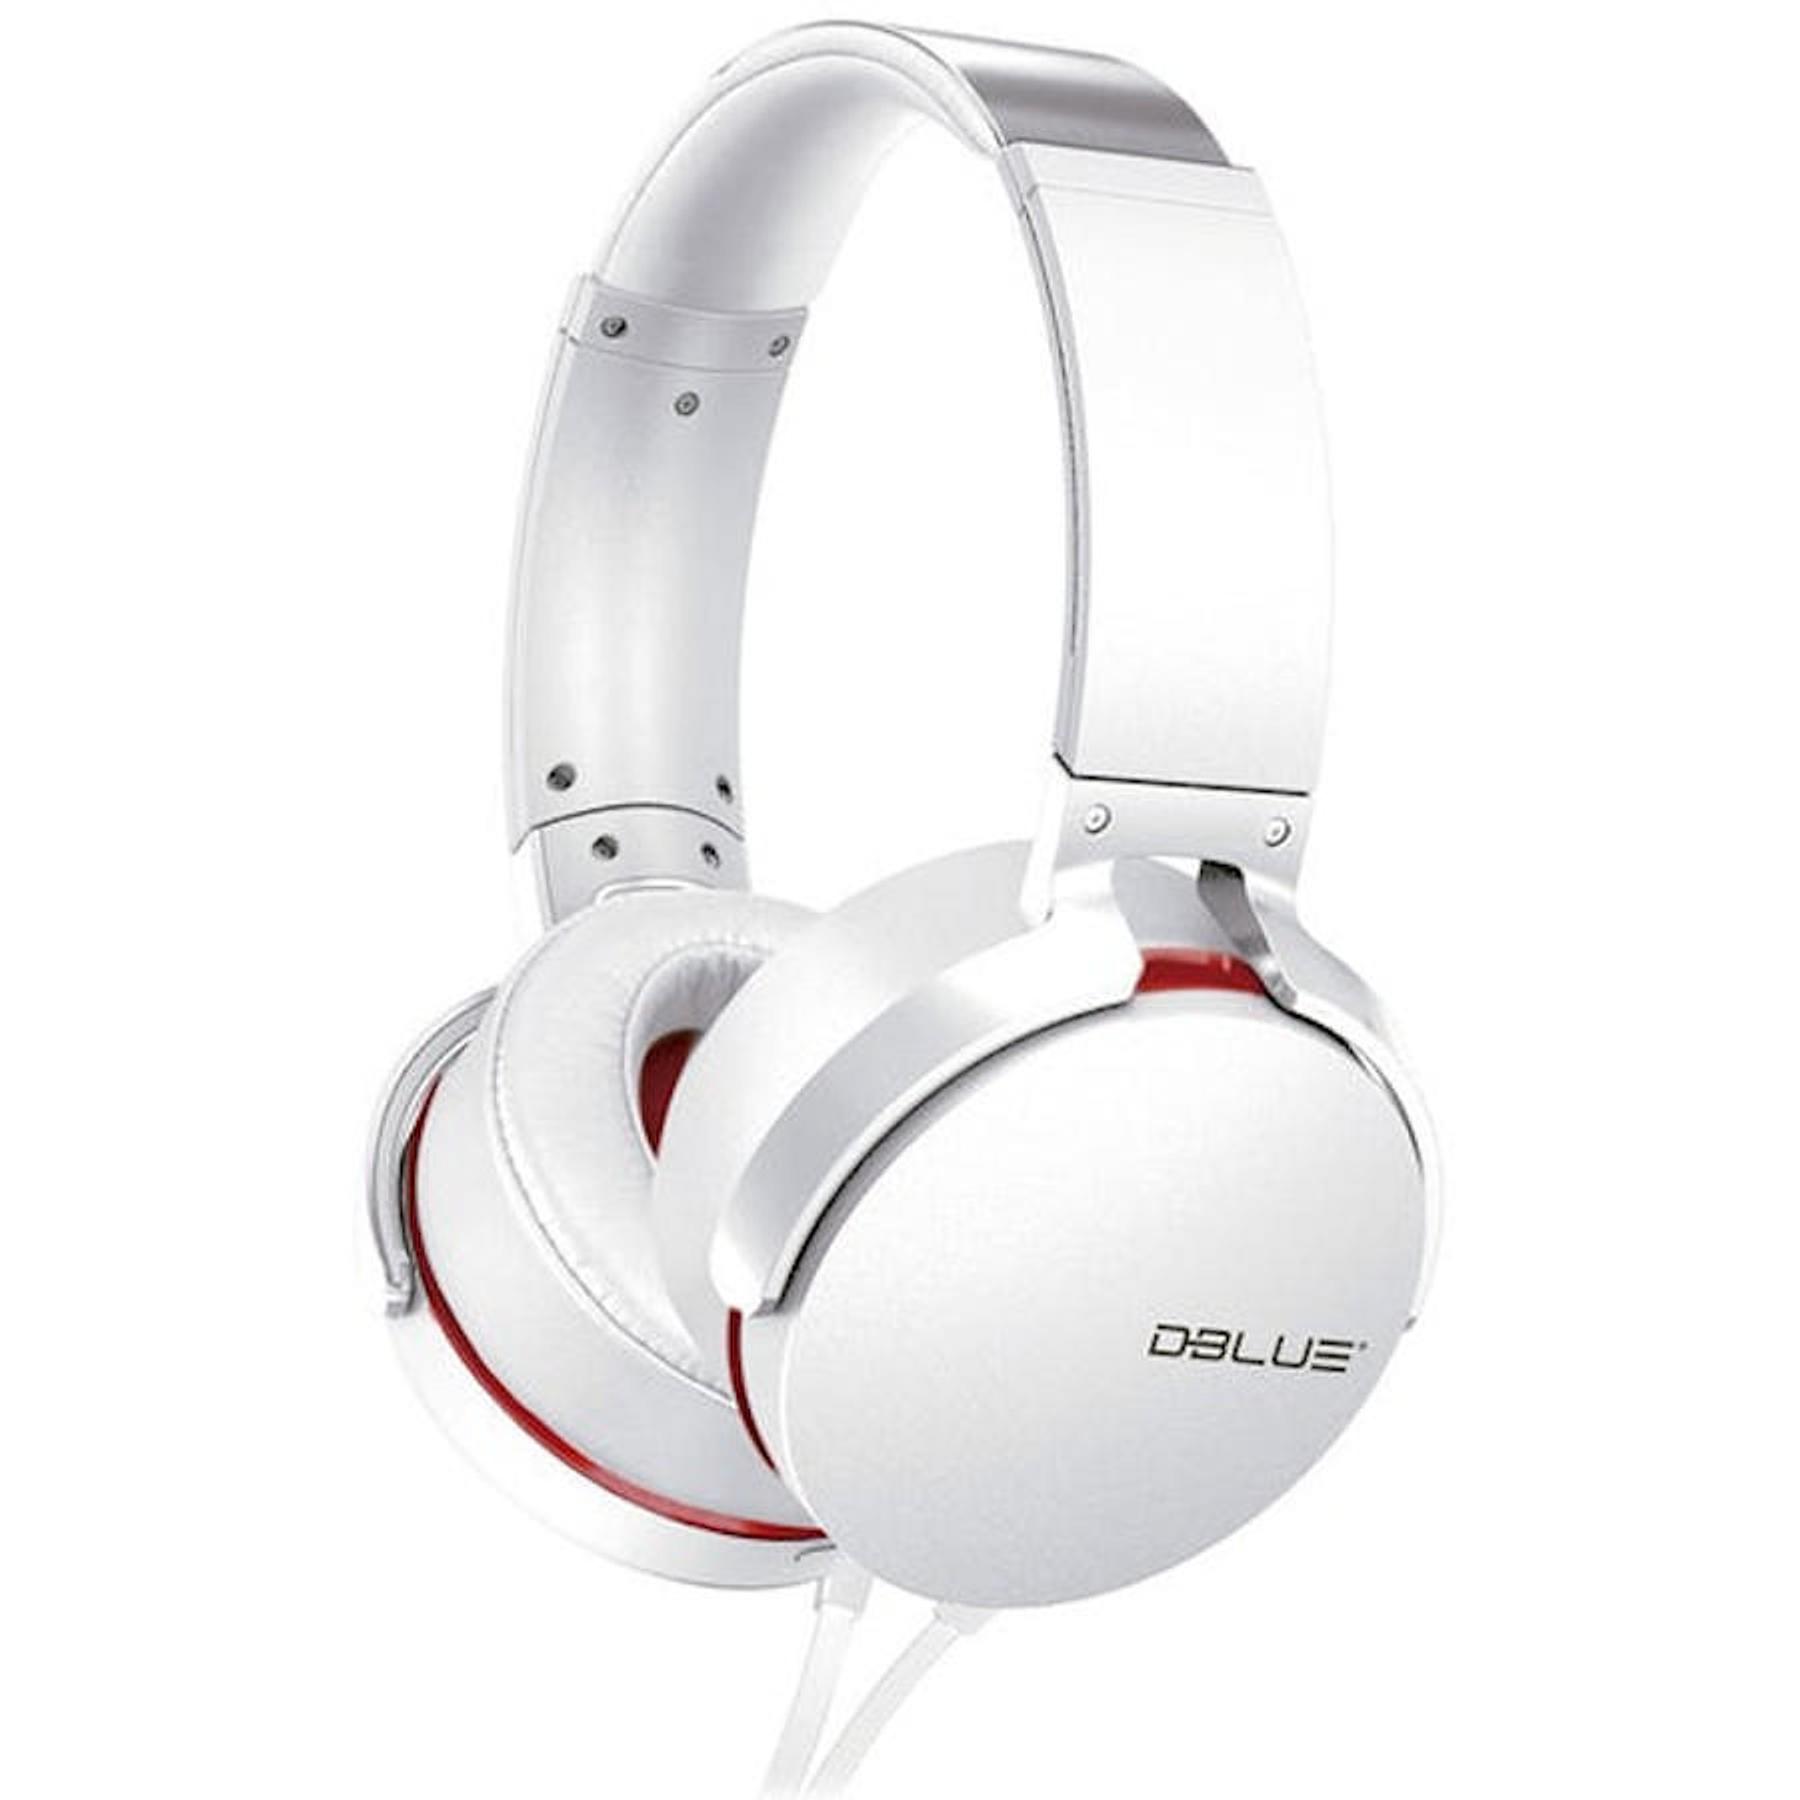 Audifonos Manos Libres DBLUE Extra Bass DBA700W